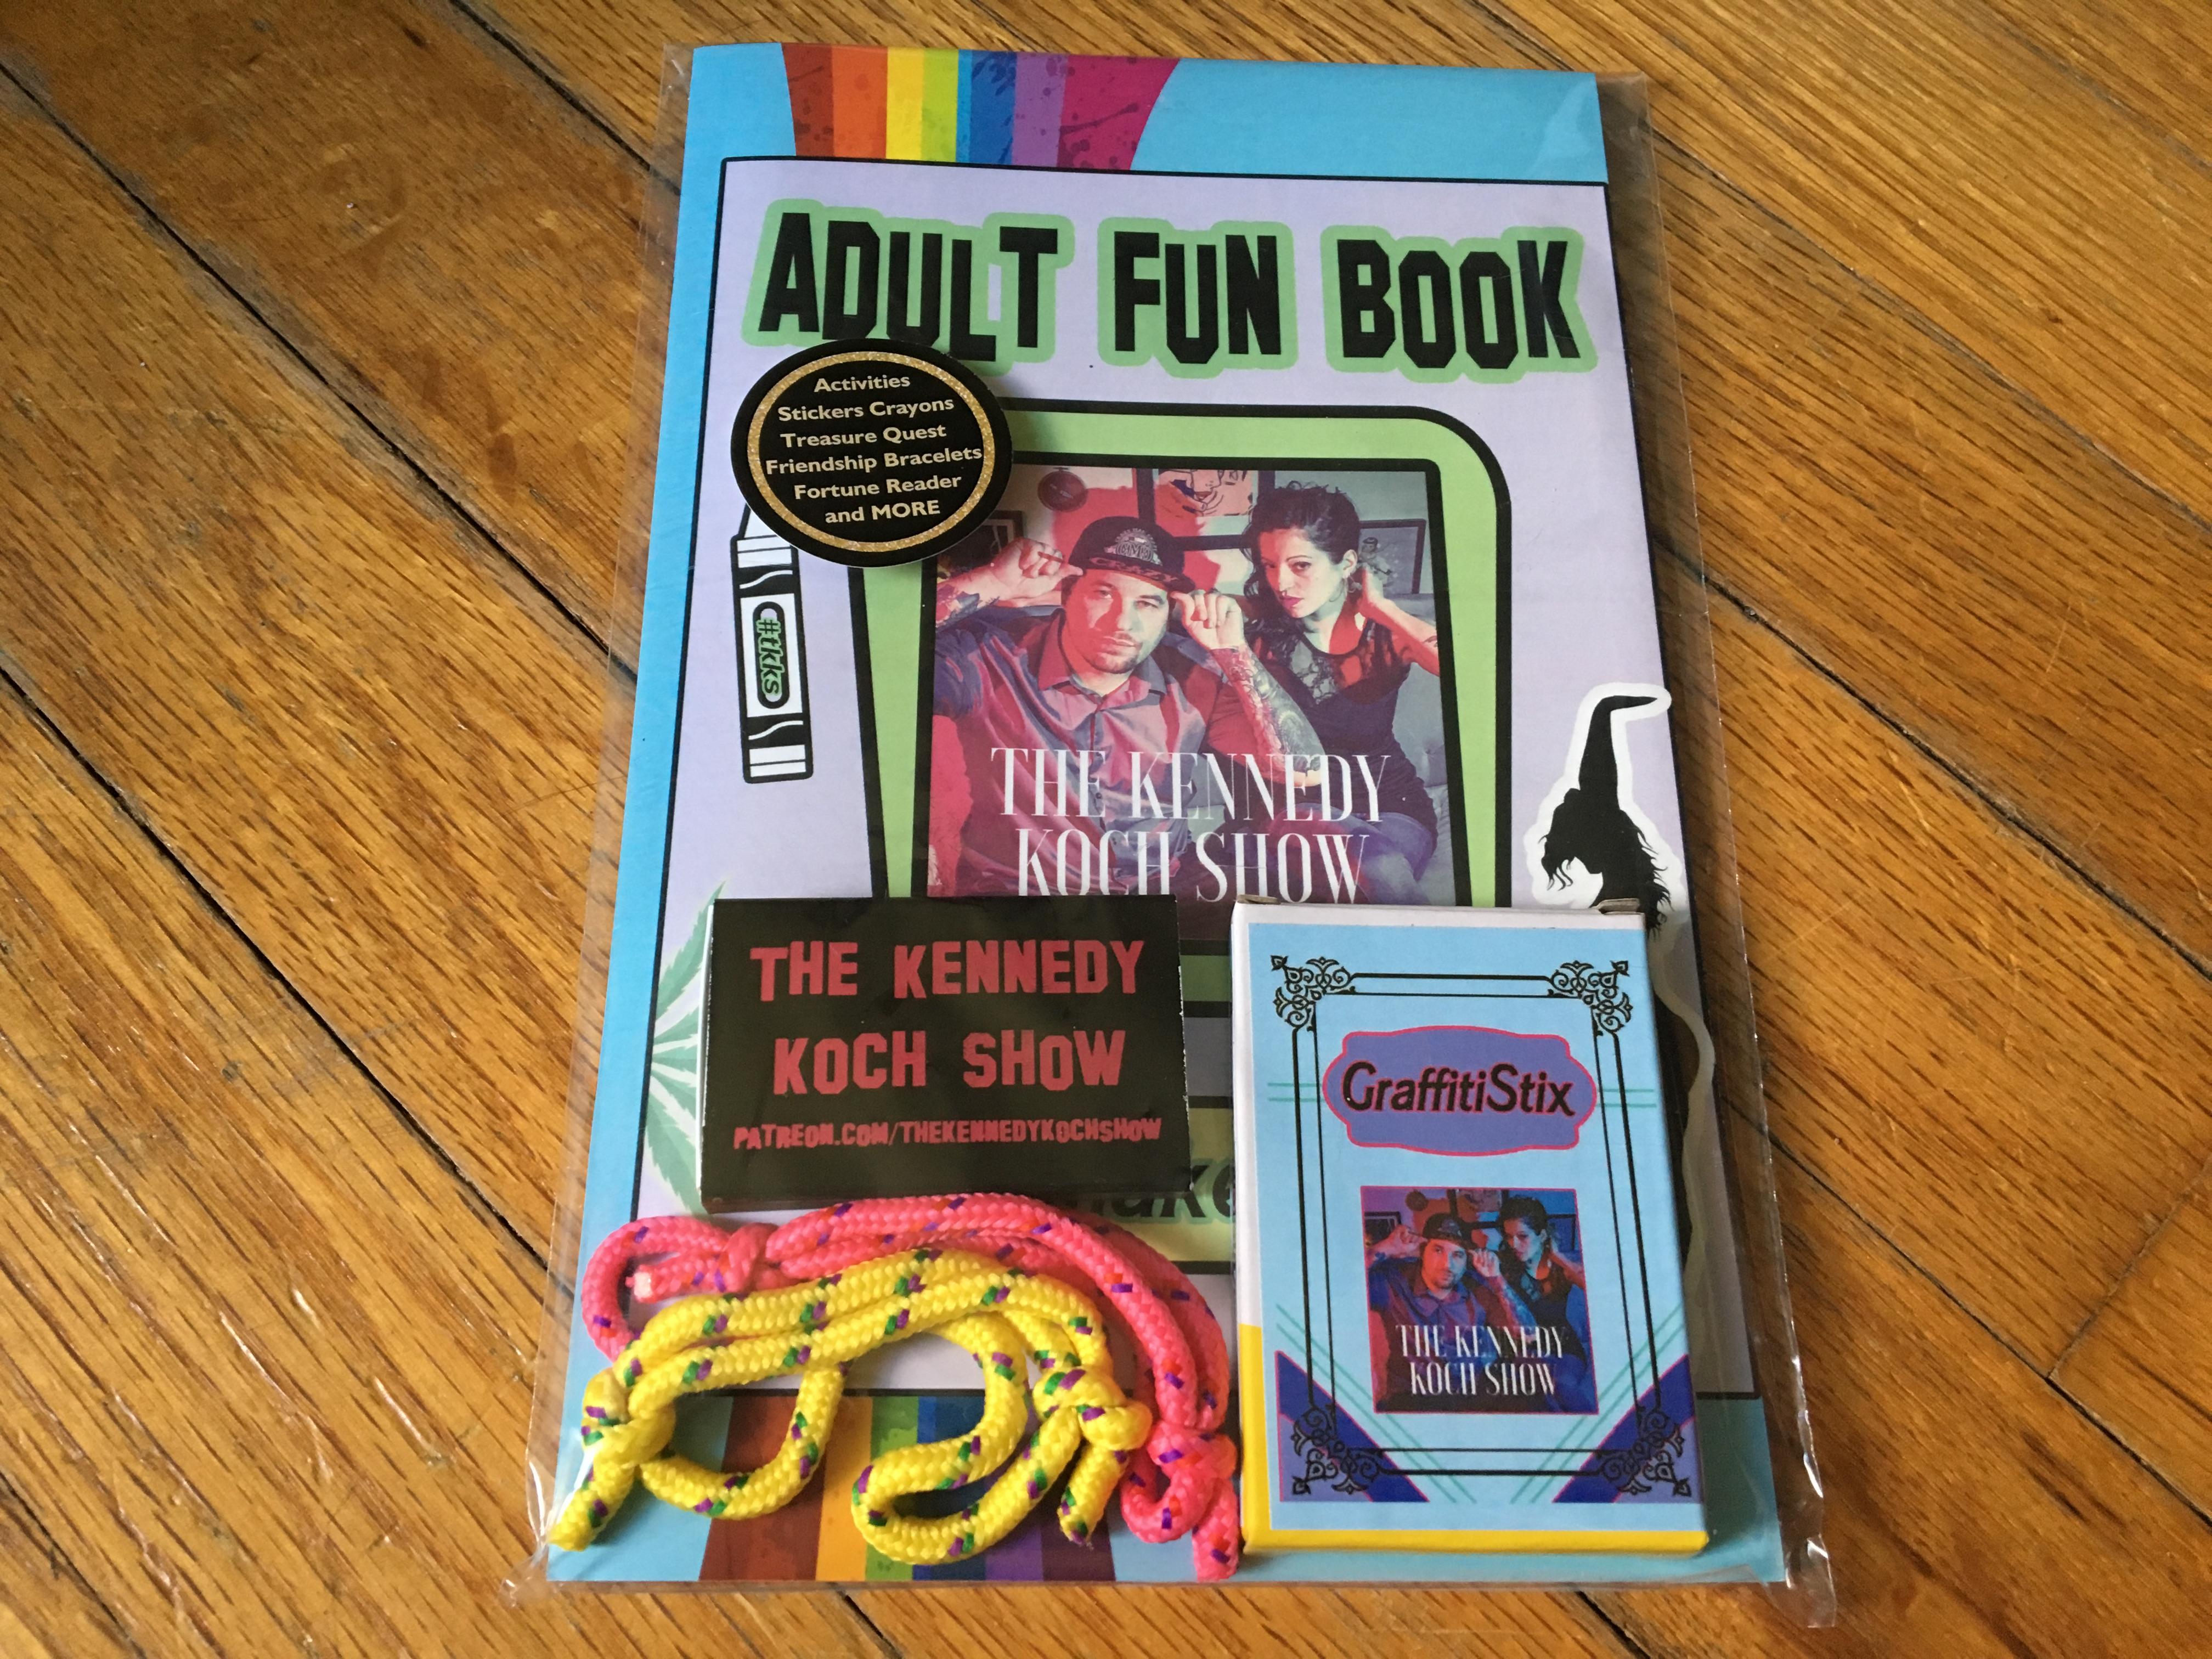 TKKS Adult Fun Book